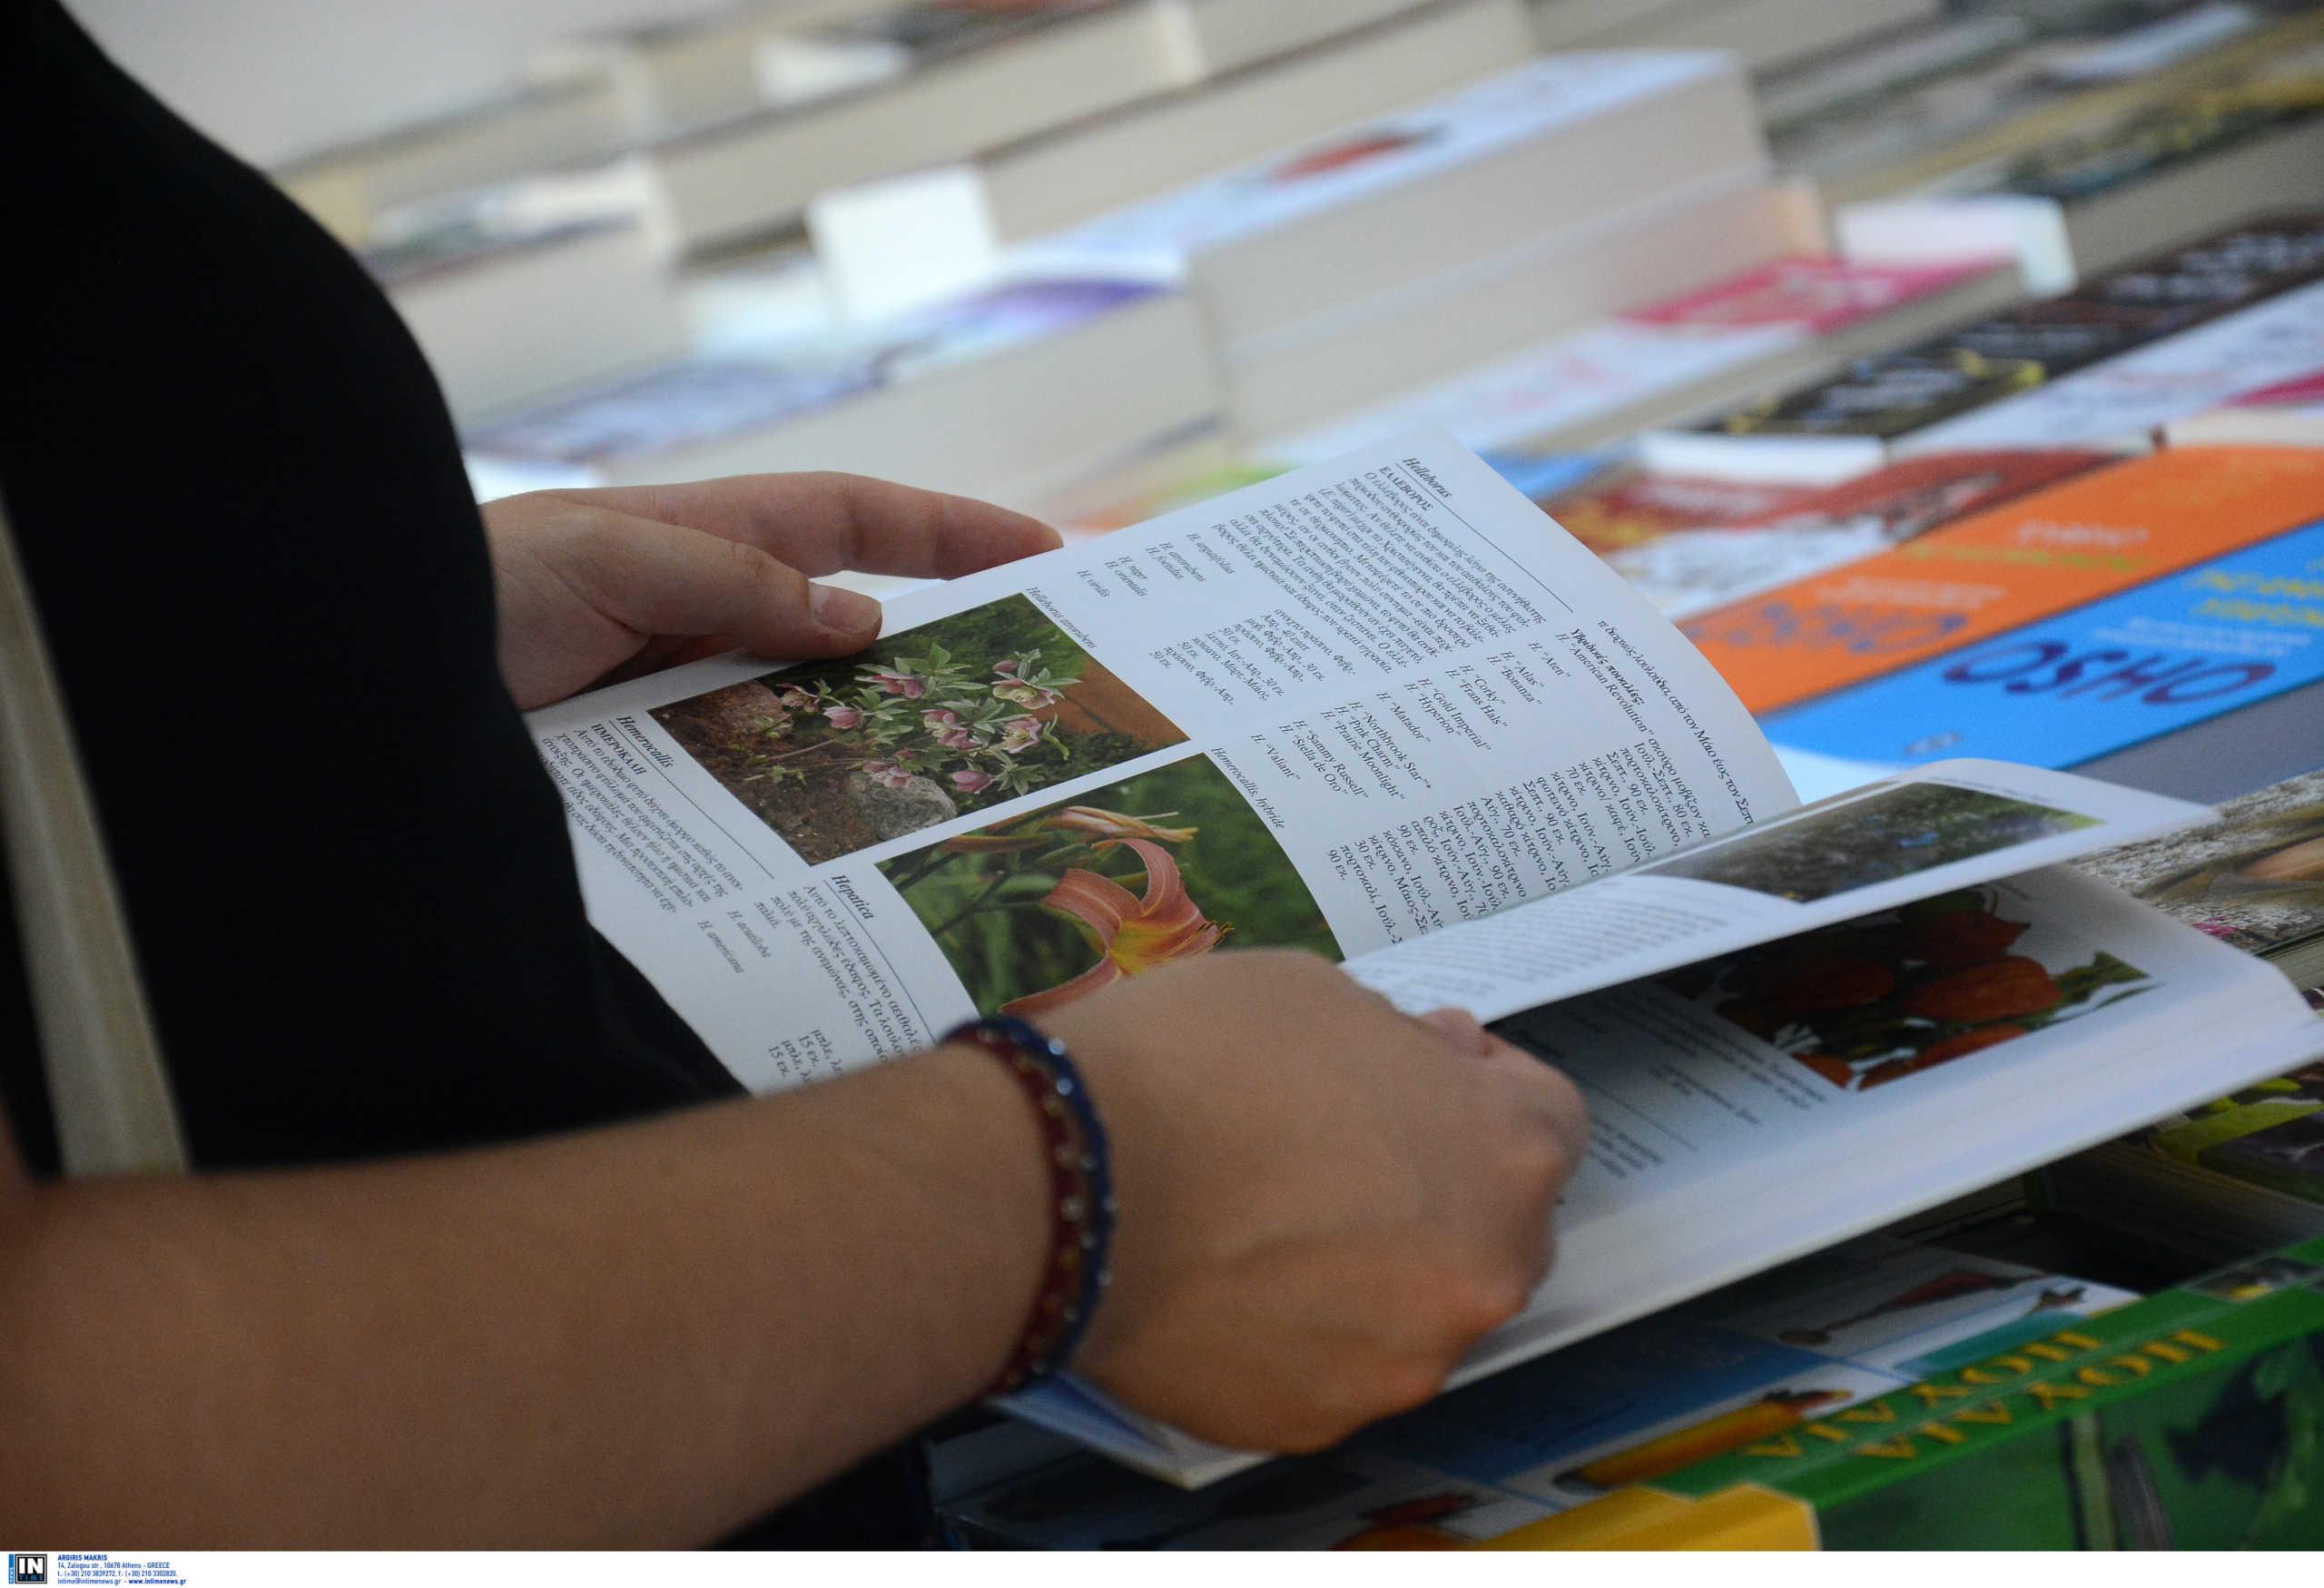 Θεσσαλονίκη Διεθνής Έκθεση Βιβλίου